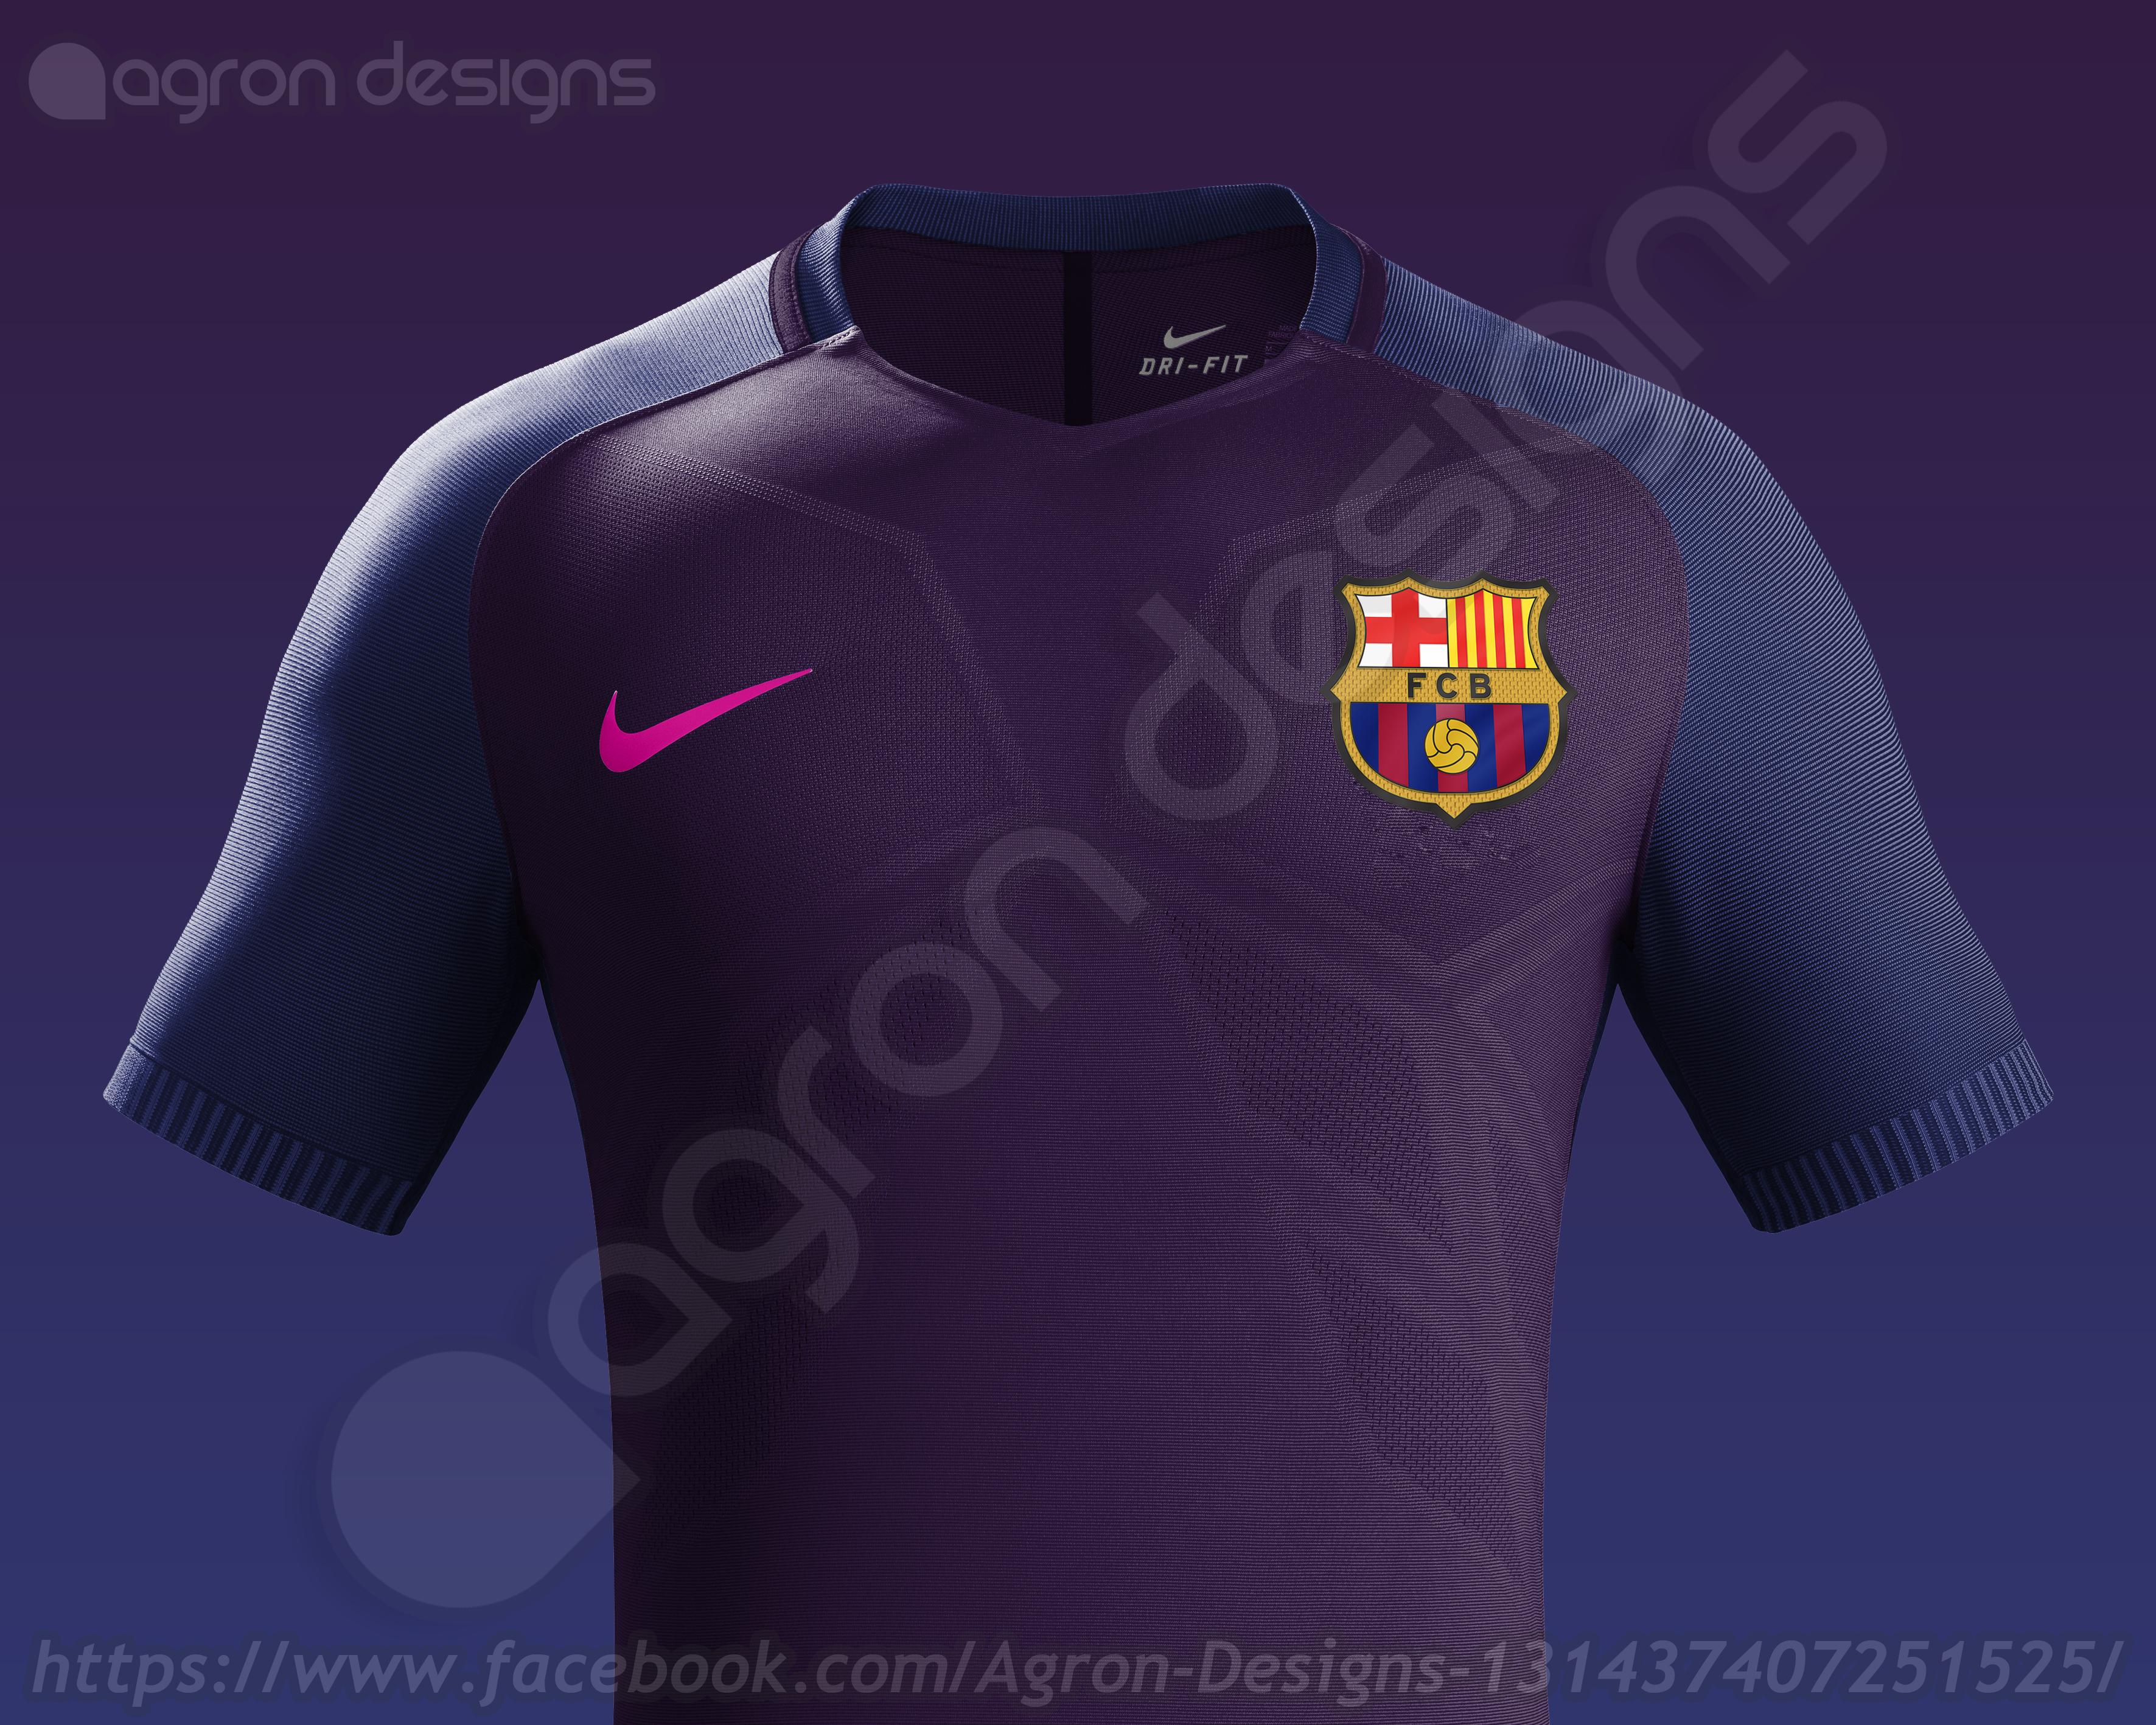 new arrivals 7682d 1d72e Nike Fc Barcelona Away Kit 2016-17 based on leaked images